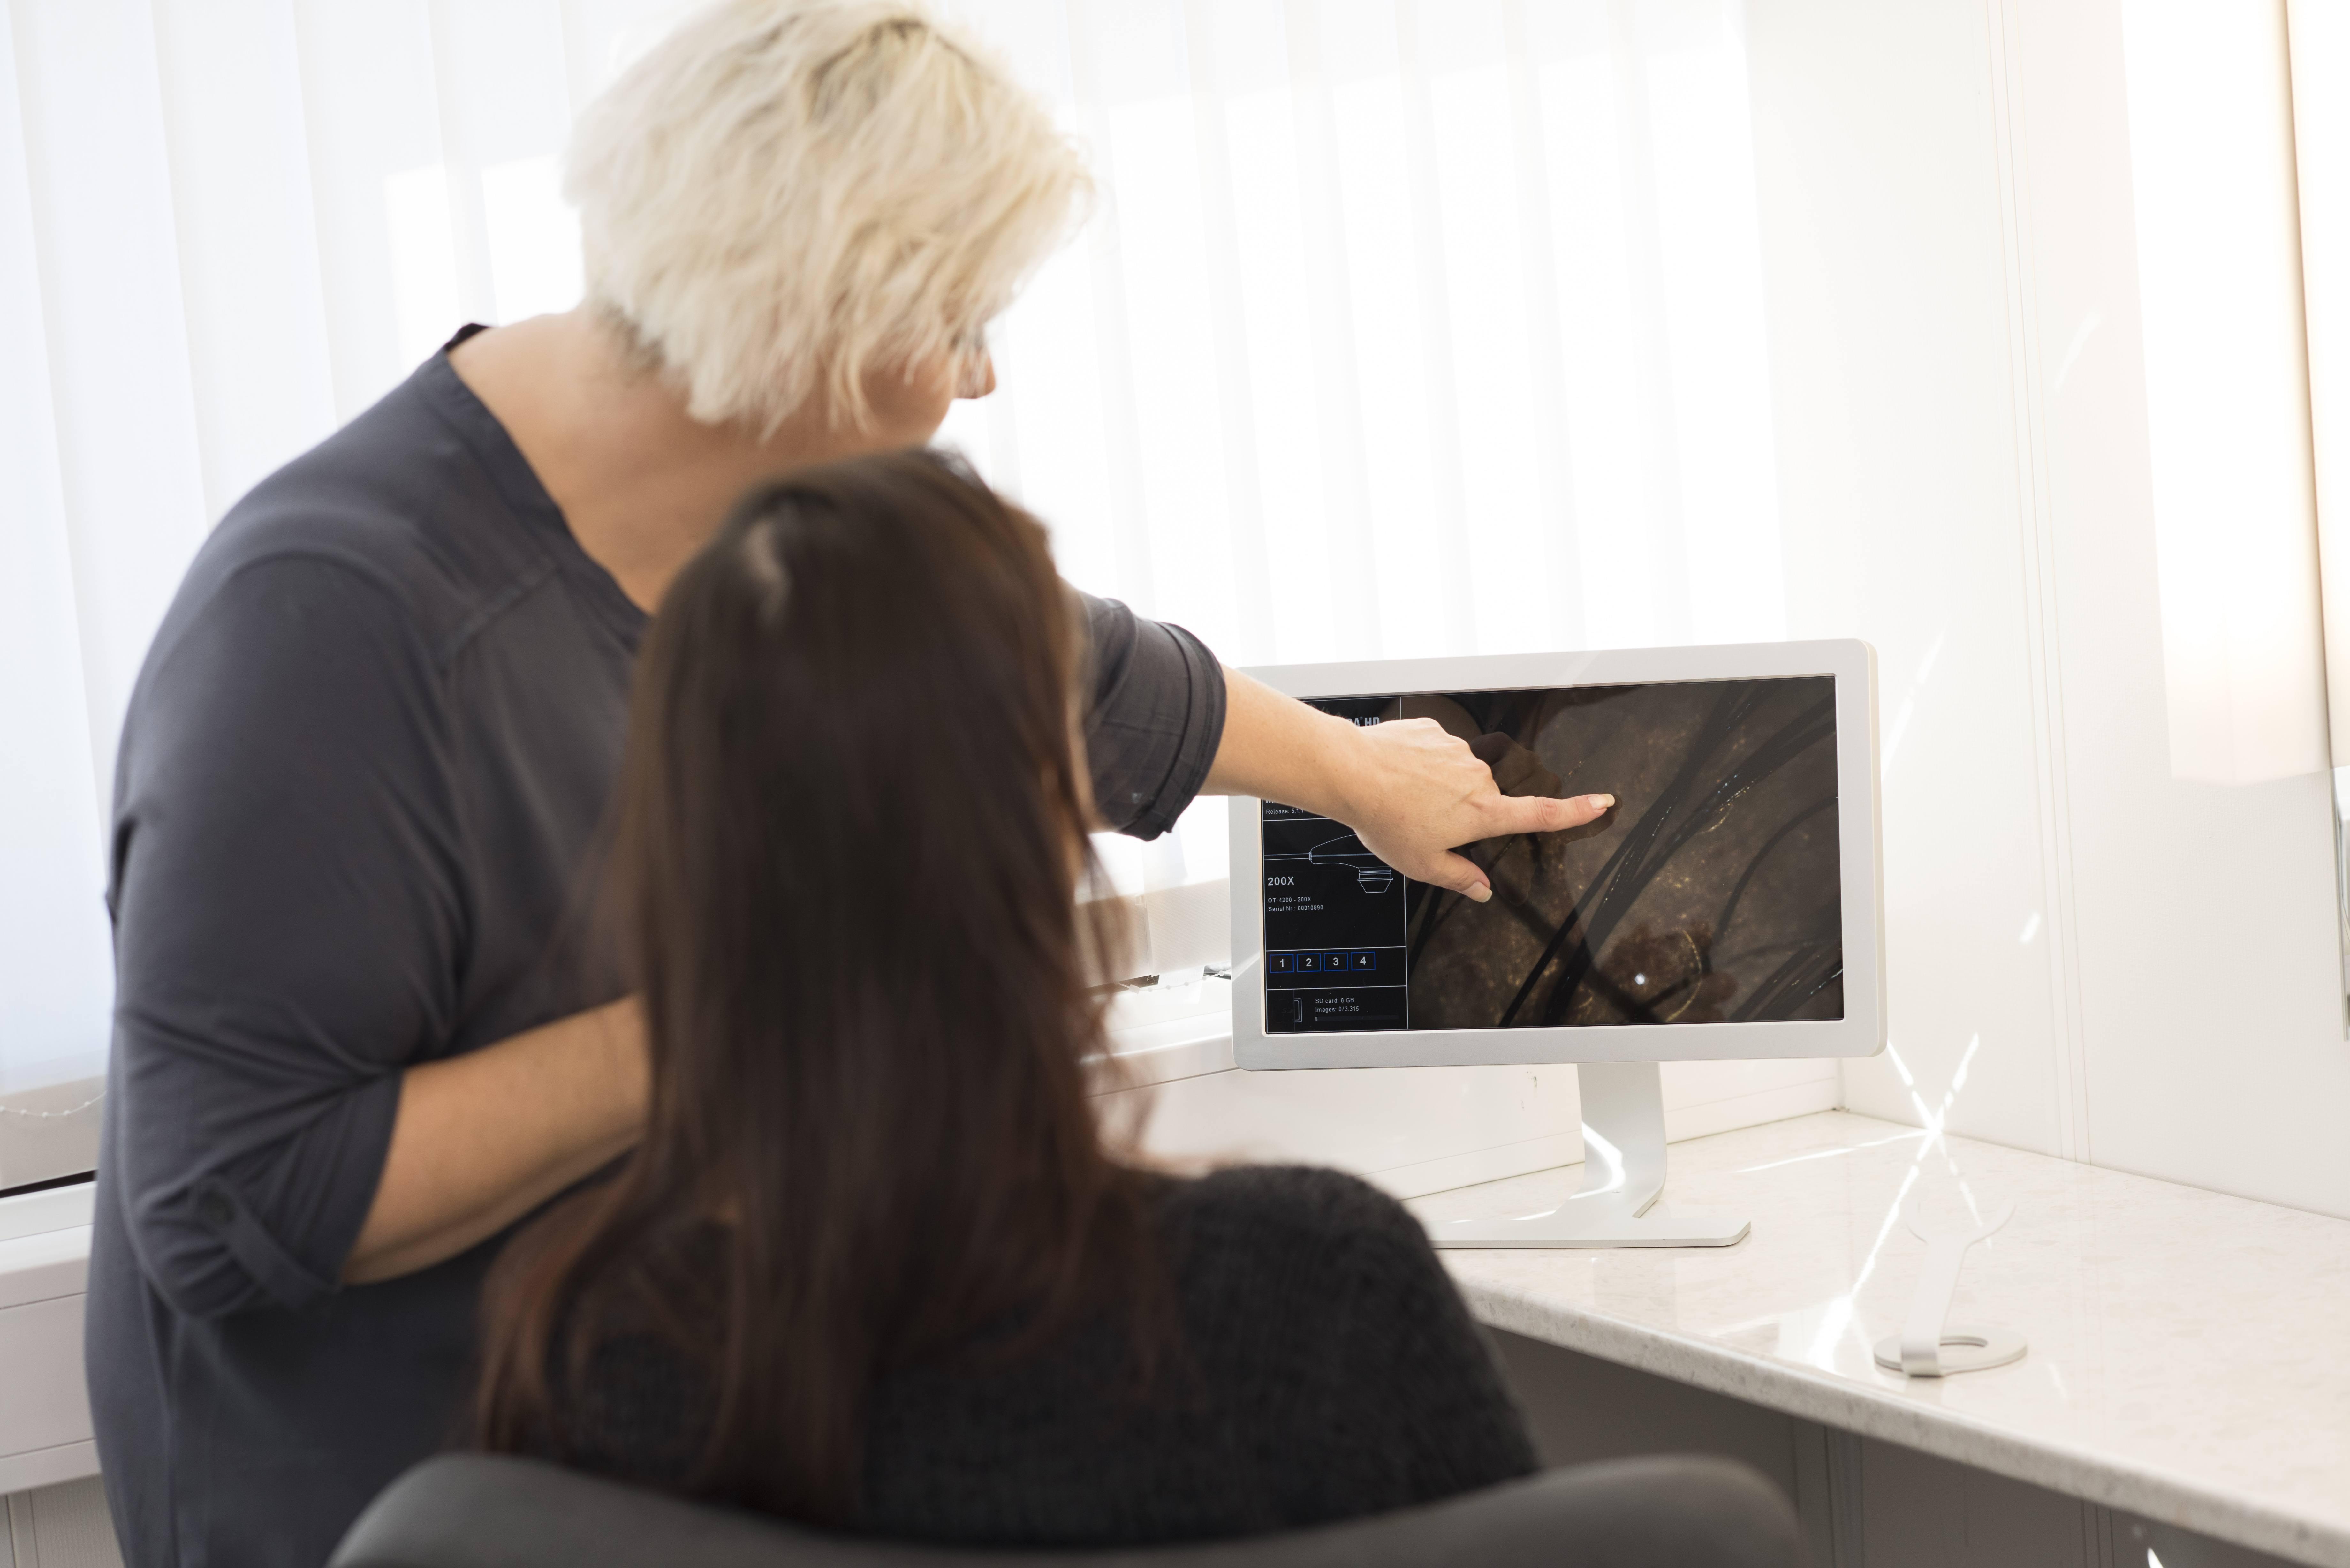 En mørkhåret kvinne sitter med ryggen til og en annen kvinne med lyst hår står ved siden av og peker på en skjerm.